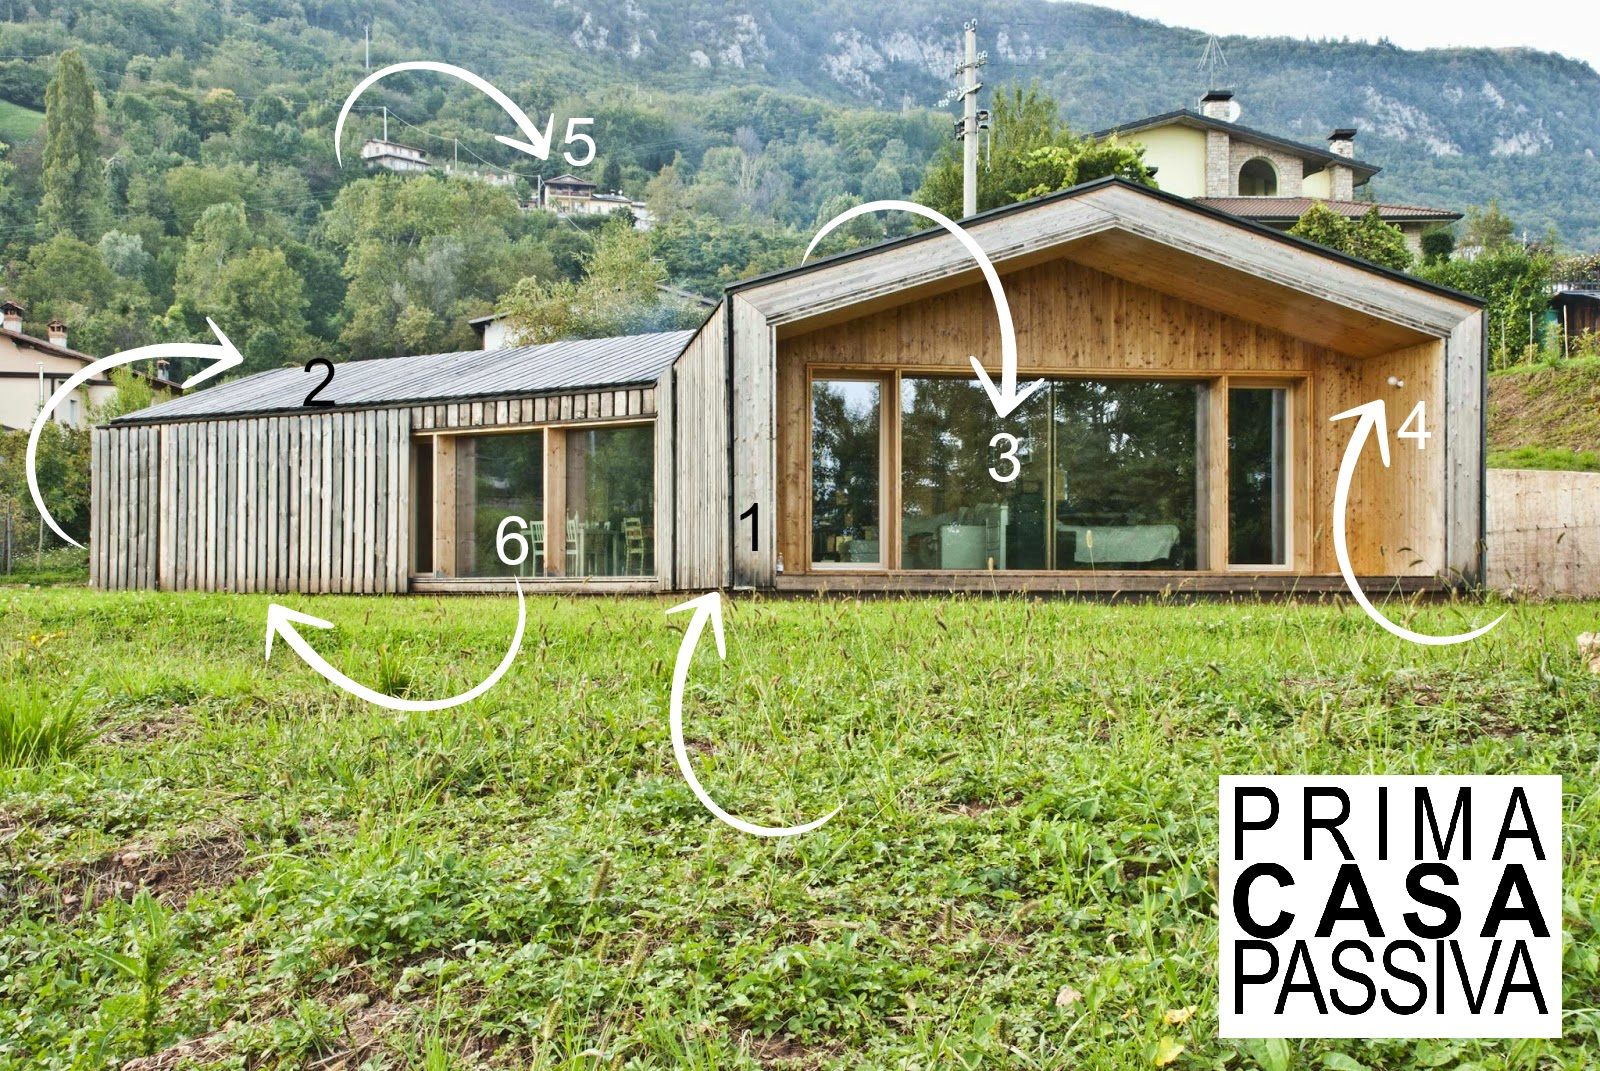 Le 6 differenze tra prima casa passiva ed una casa - Prima casa condizioni ...